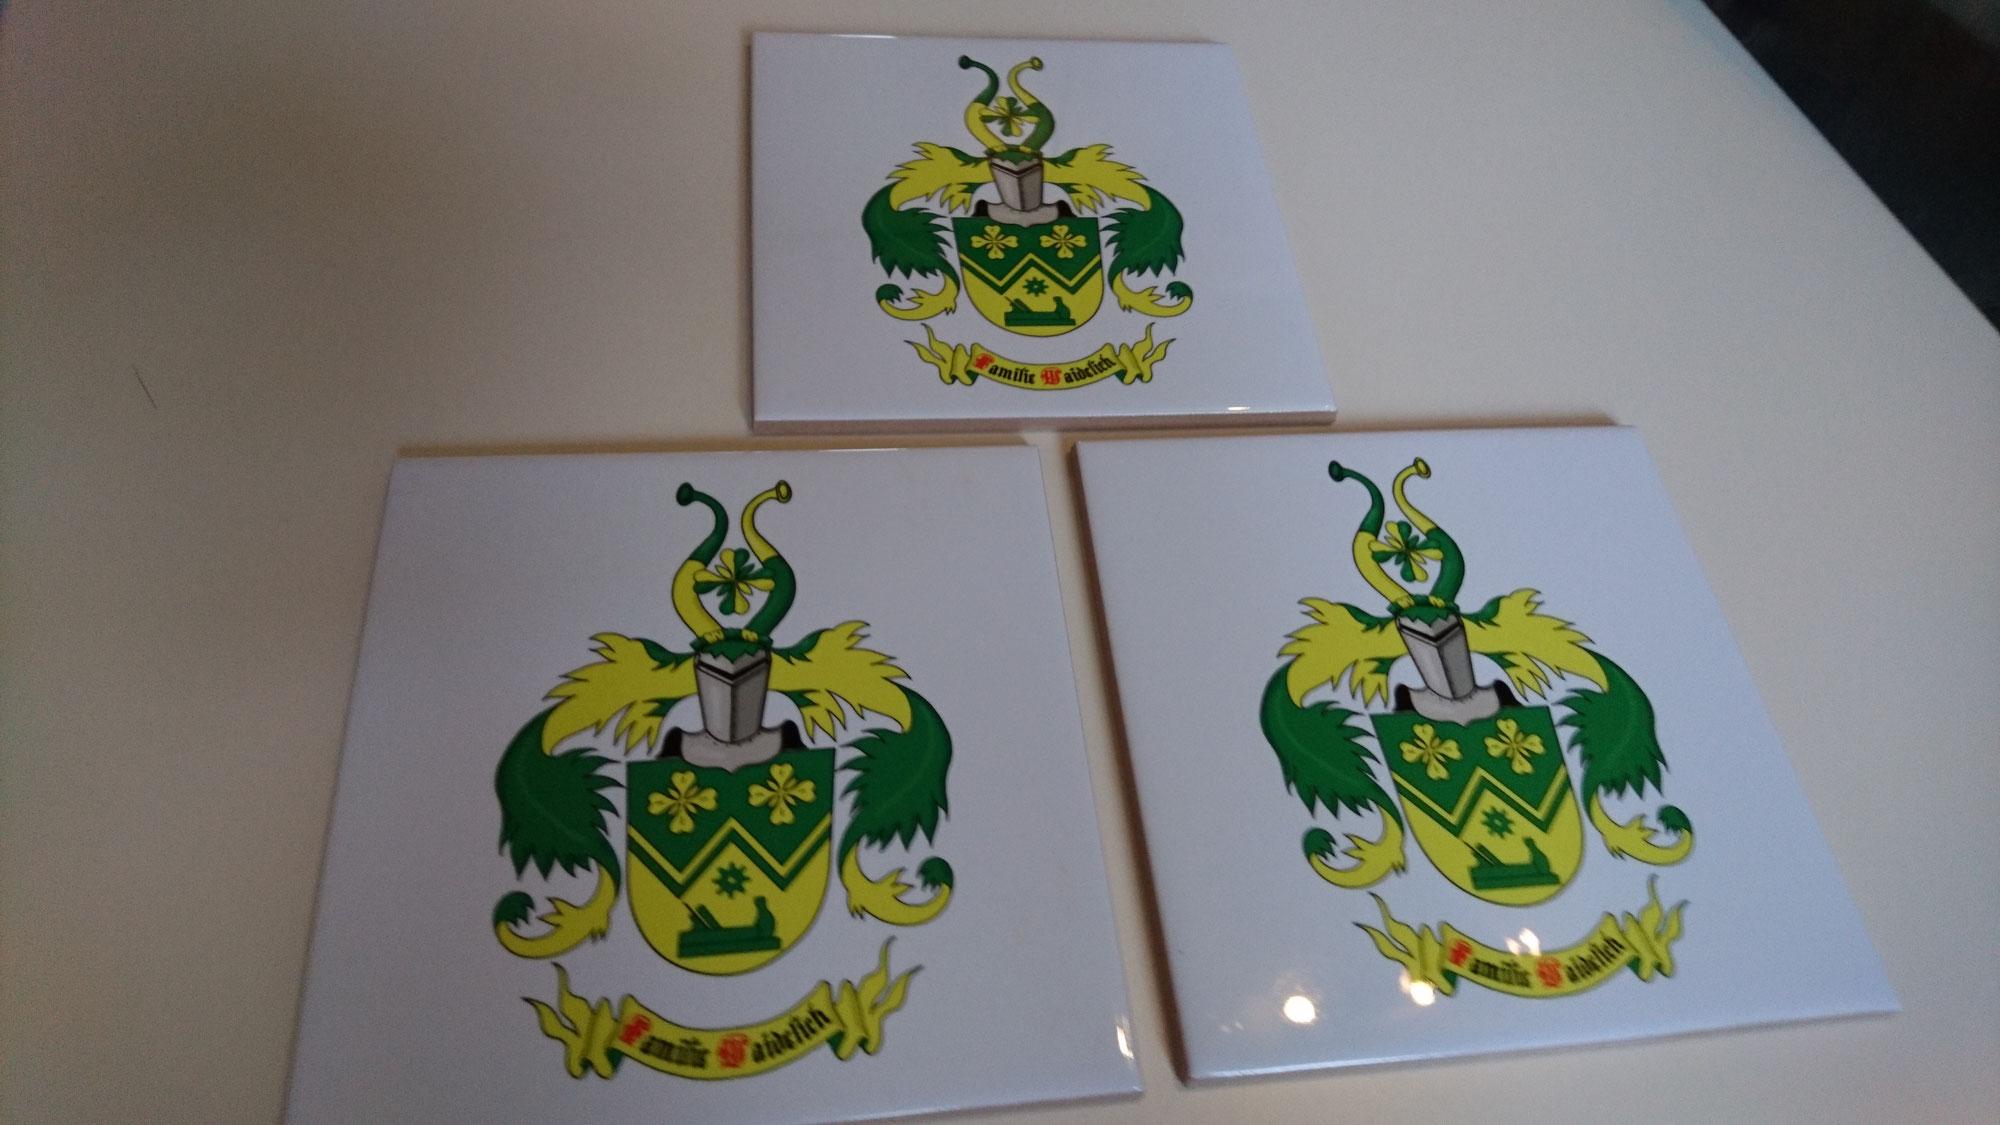 Familienwappen auf Kachel,  Fliese gedruckt bestellen, kaufen